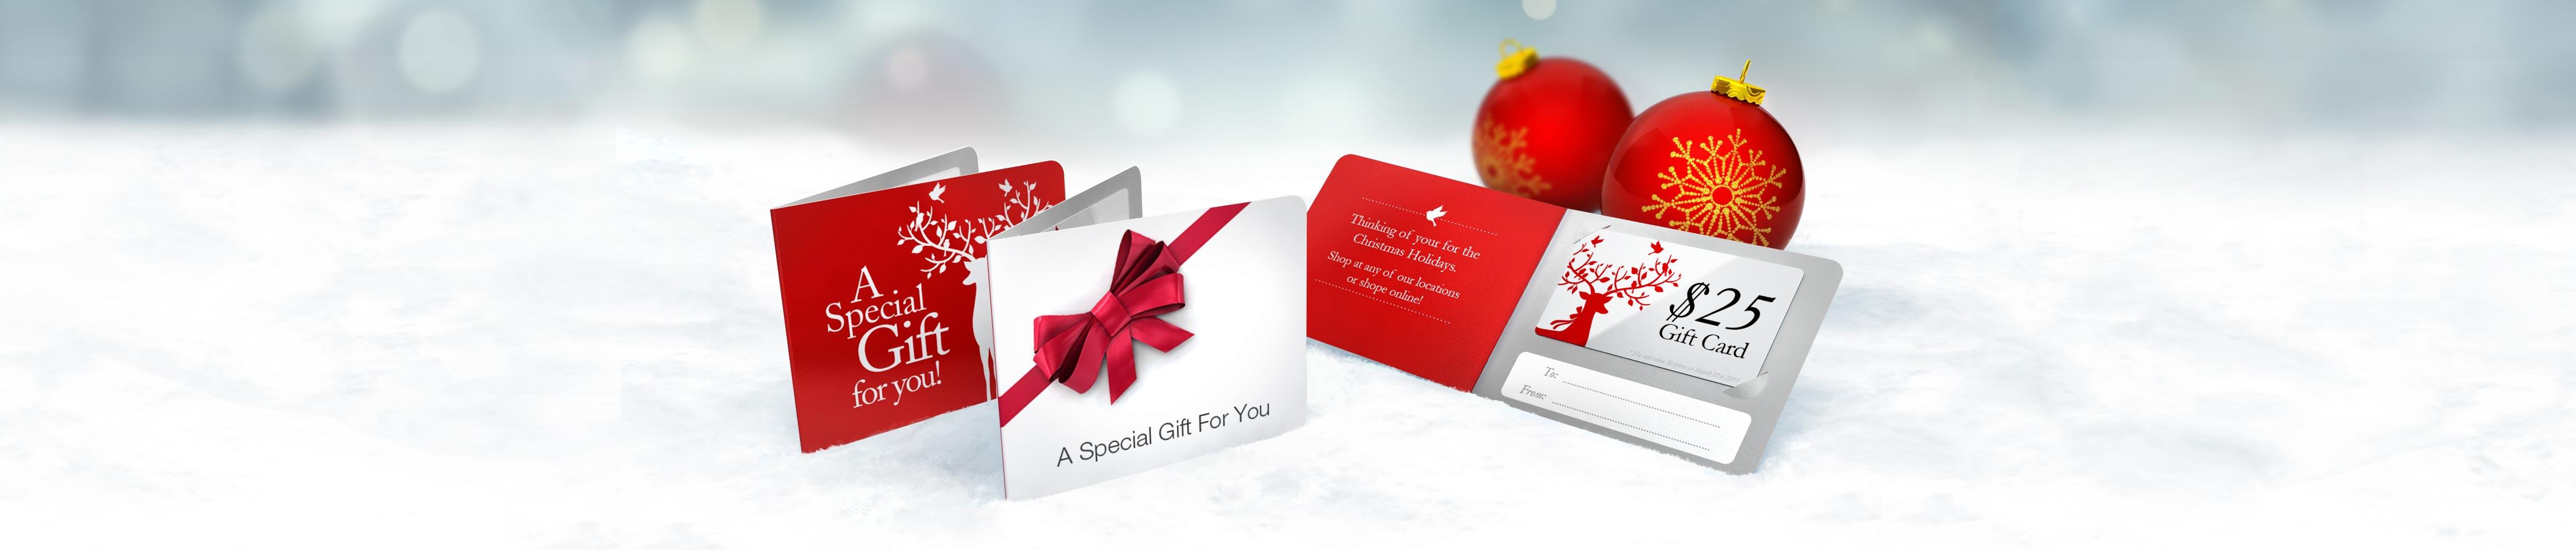 Custom Printed Gift Card Holders | Jukebox Print